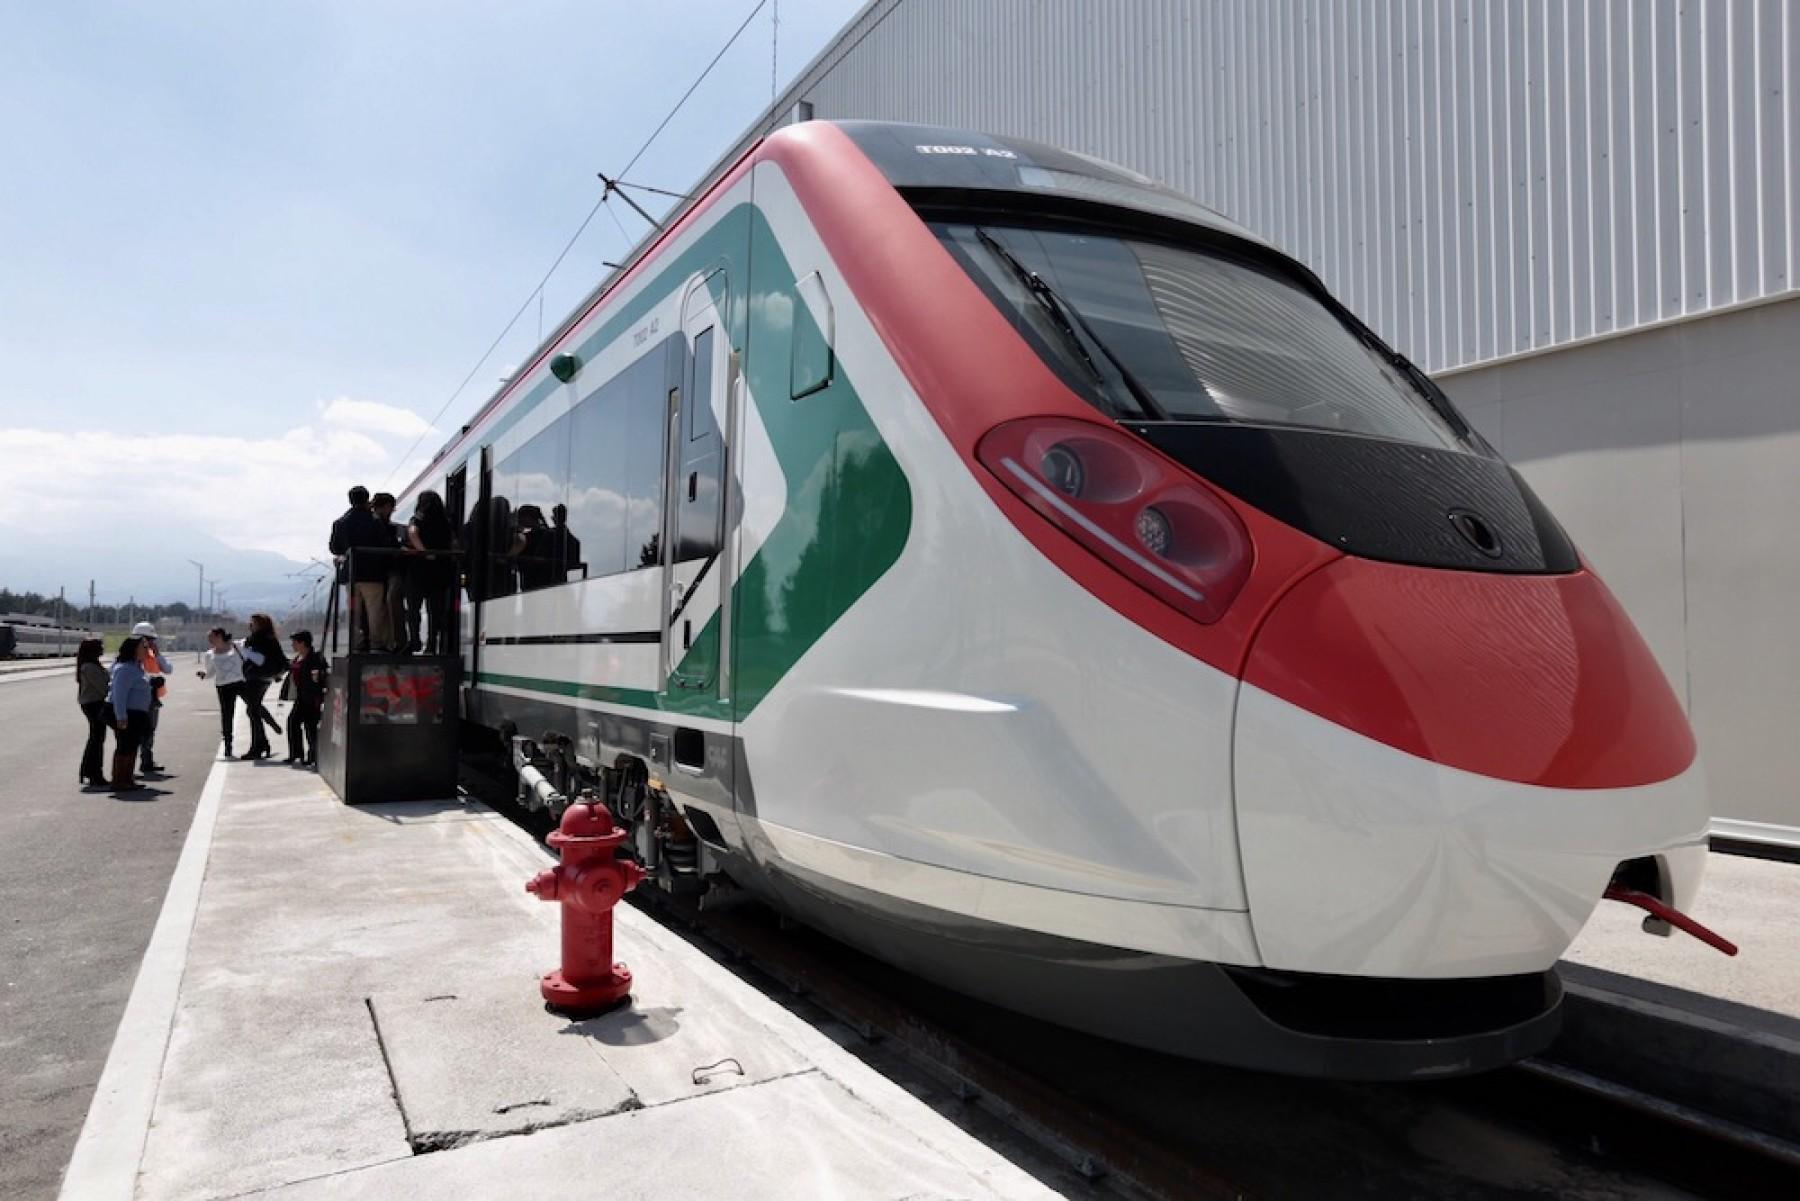 toluca-por-trabajos-del-tren-interurbano-cerraran-carriles-de-las-torres-160494